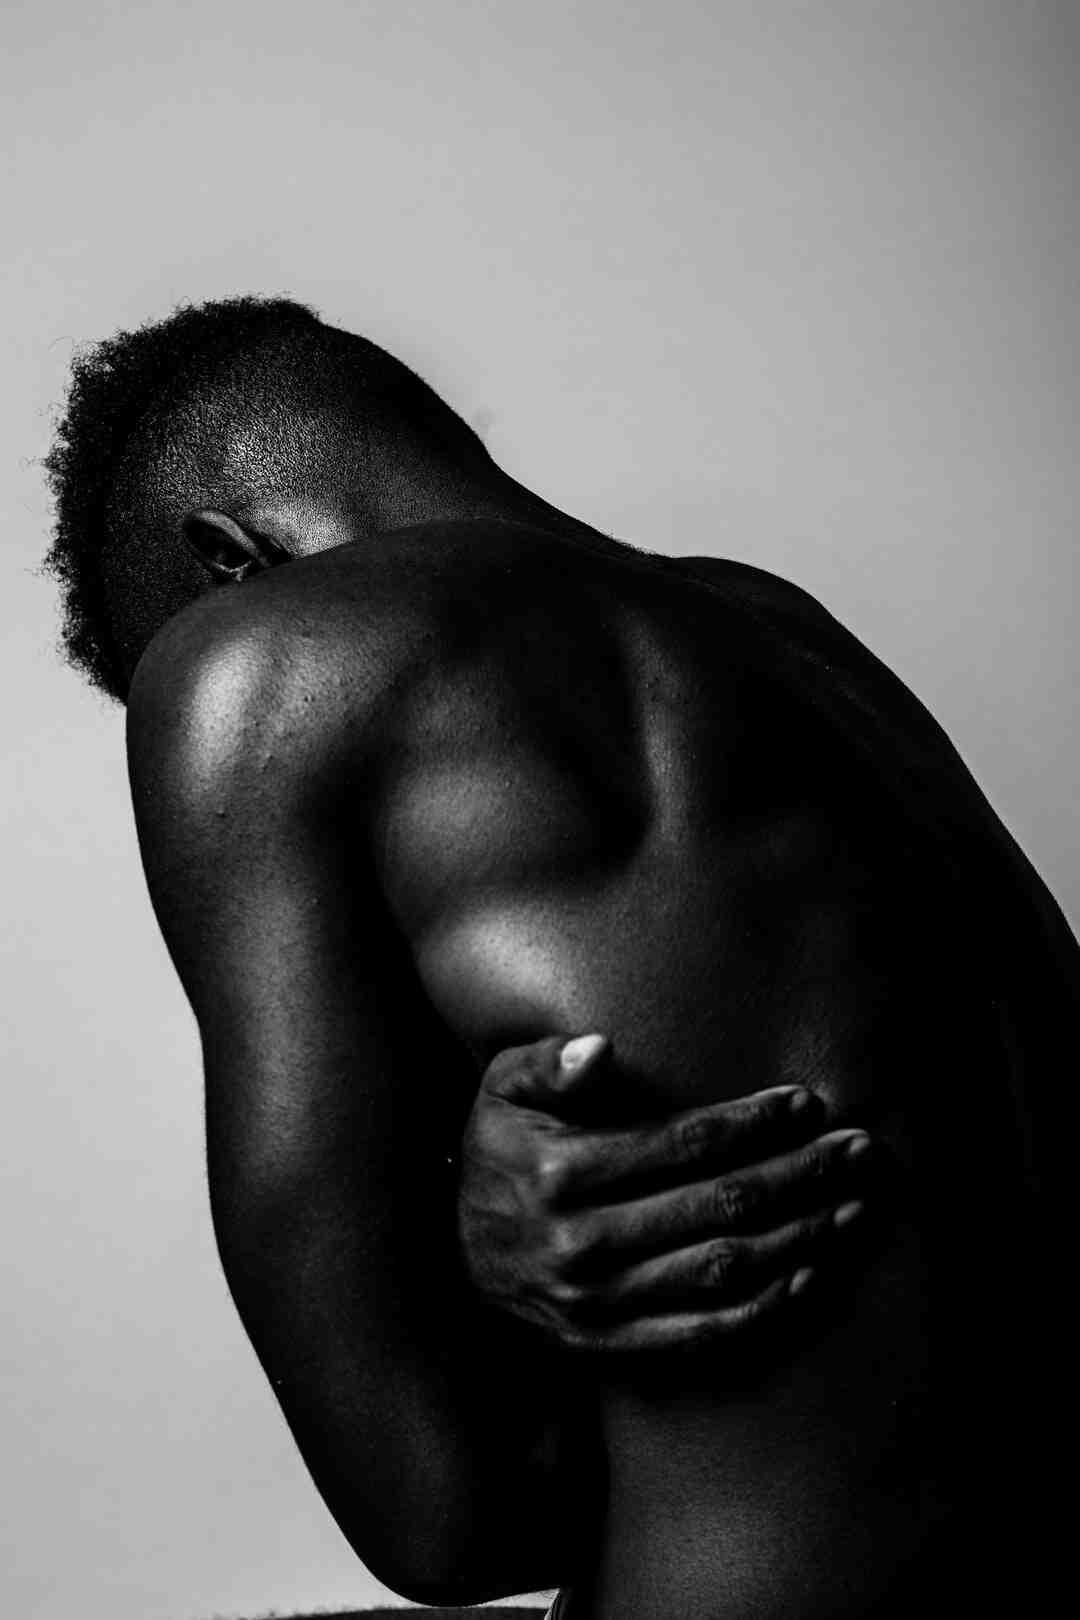 Comment soulager une douleur de l'épaule chez un athlète